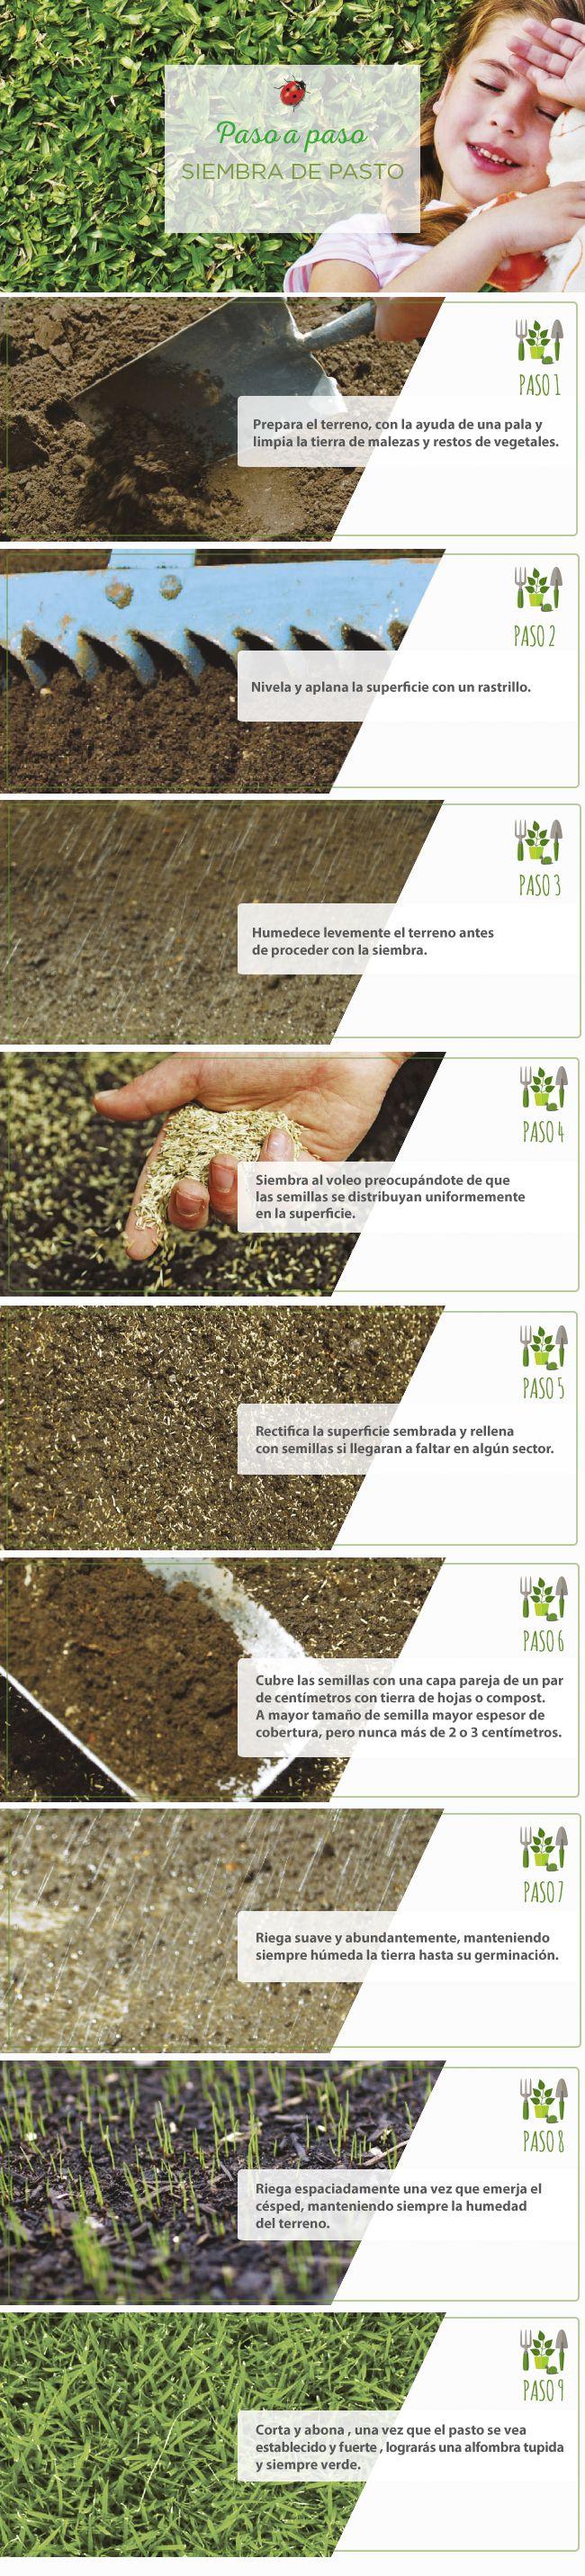 #Siembra #Pasto #PasoApaso #Jardinería #Easy